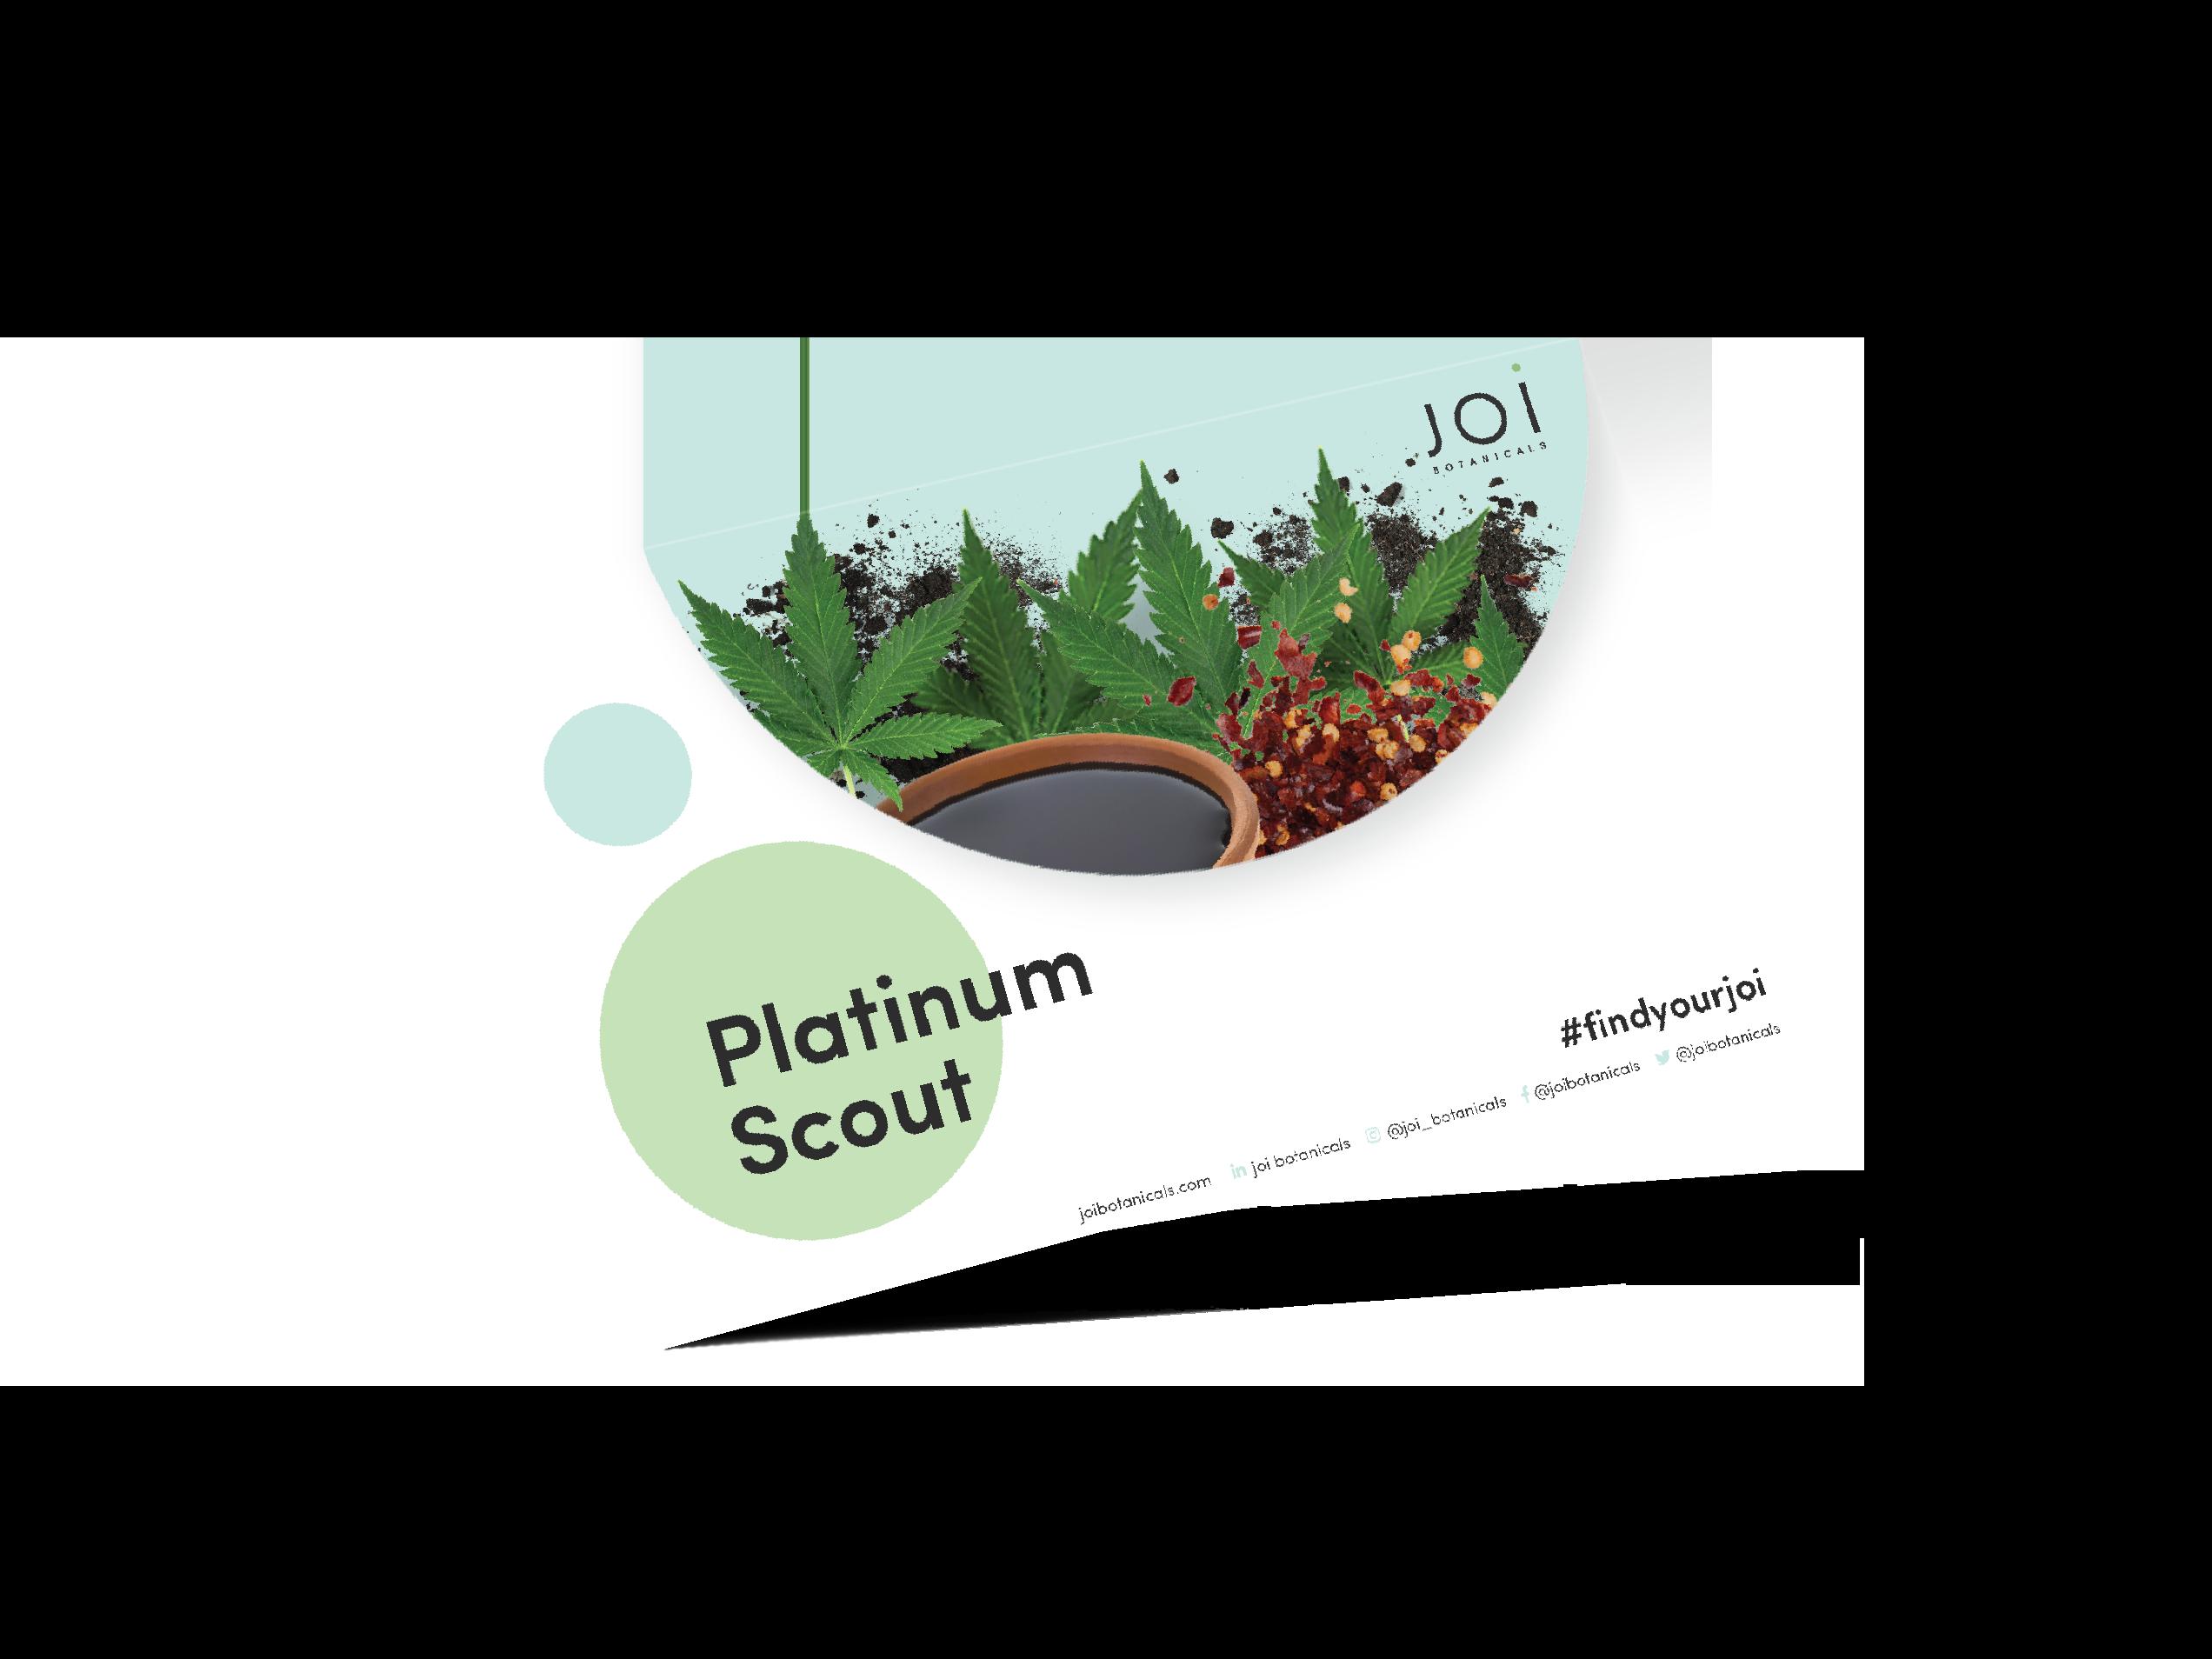 Platinum Scout